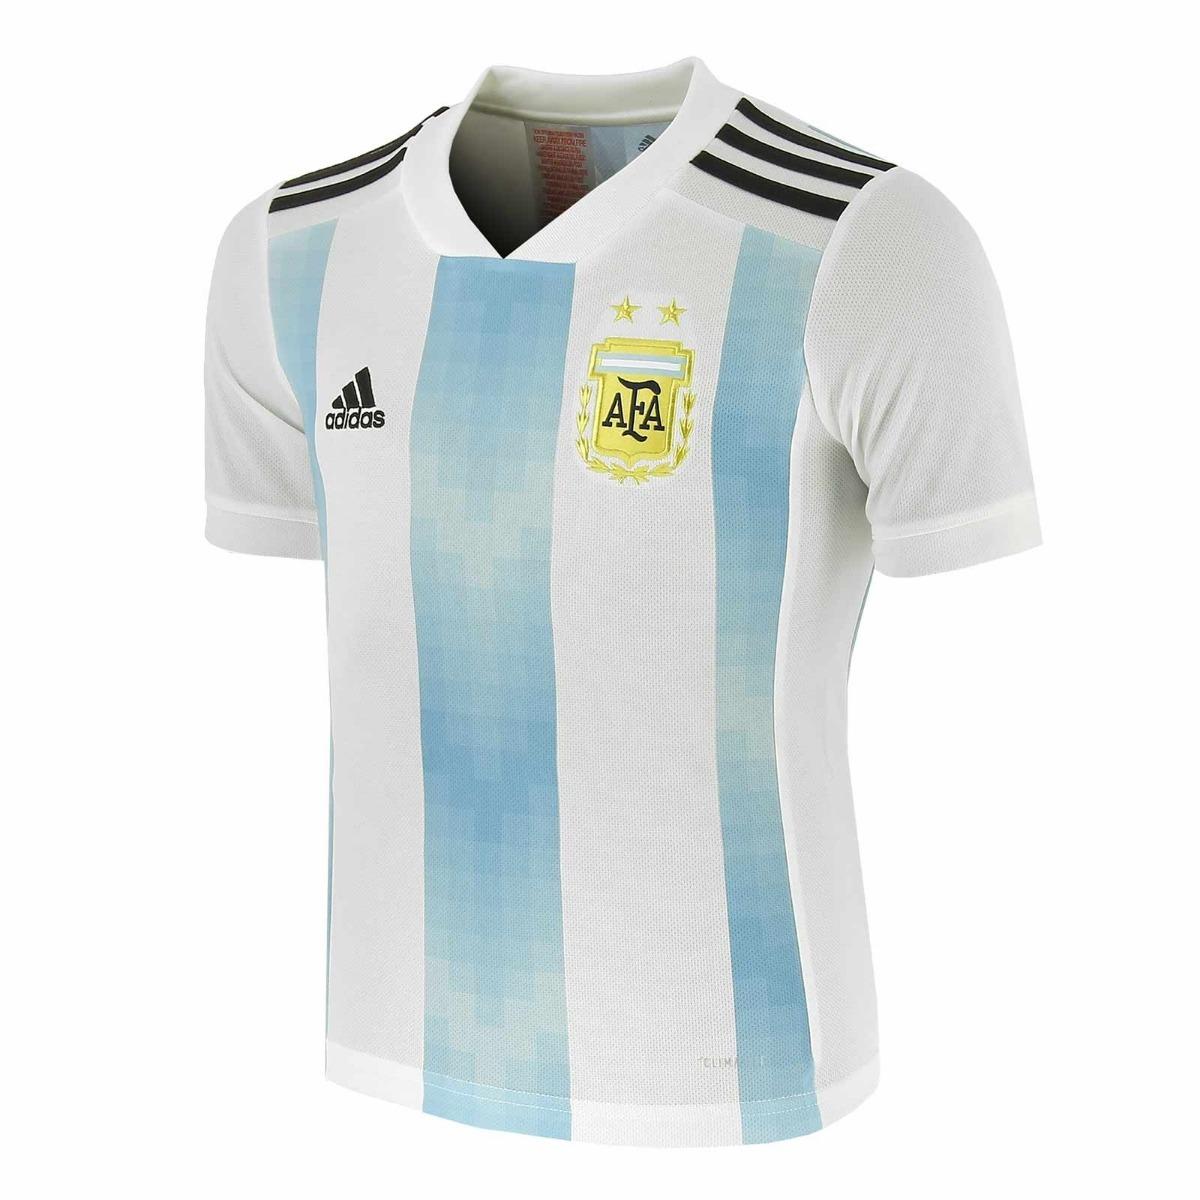 554b381b21a9d camiseta adidas selección argentina titular 2018 - original. Cargando zoom.